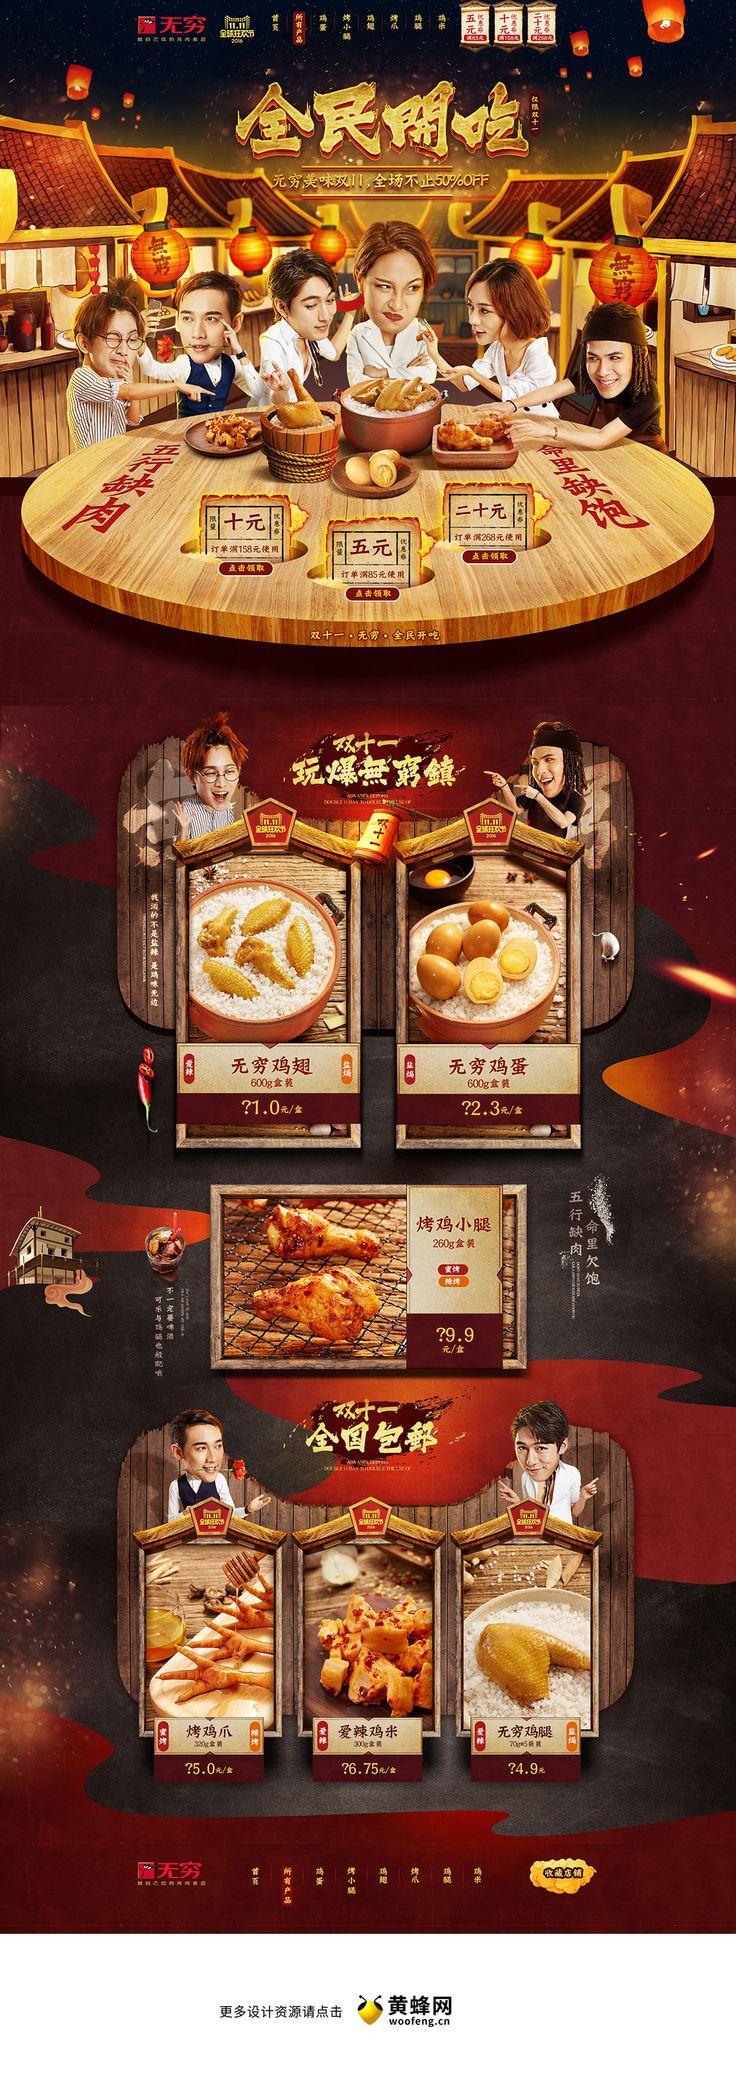 无穷食品零食美食天猫双11预售双十一预售首页页面设计 更多设计资源尽在黄蜂网http://woofeng.cn/